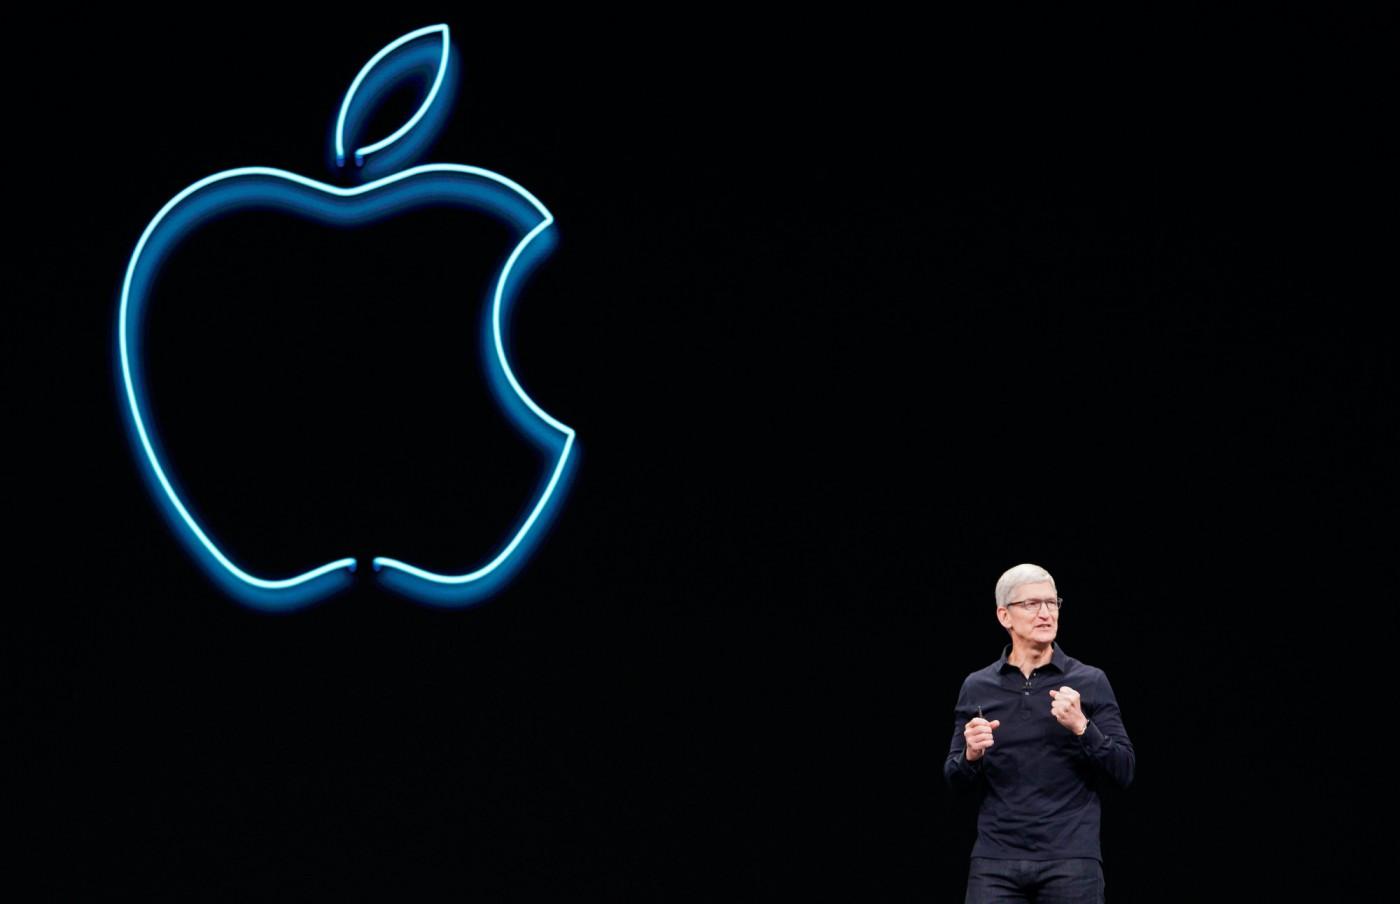 前內部工程師拆解蘋果造車思維:就是要顛覆市場!點出台廠機會在這裡